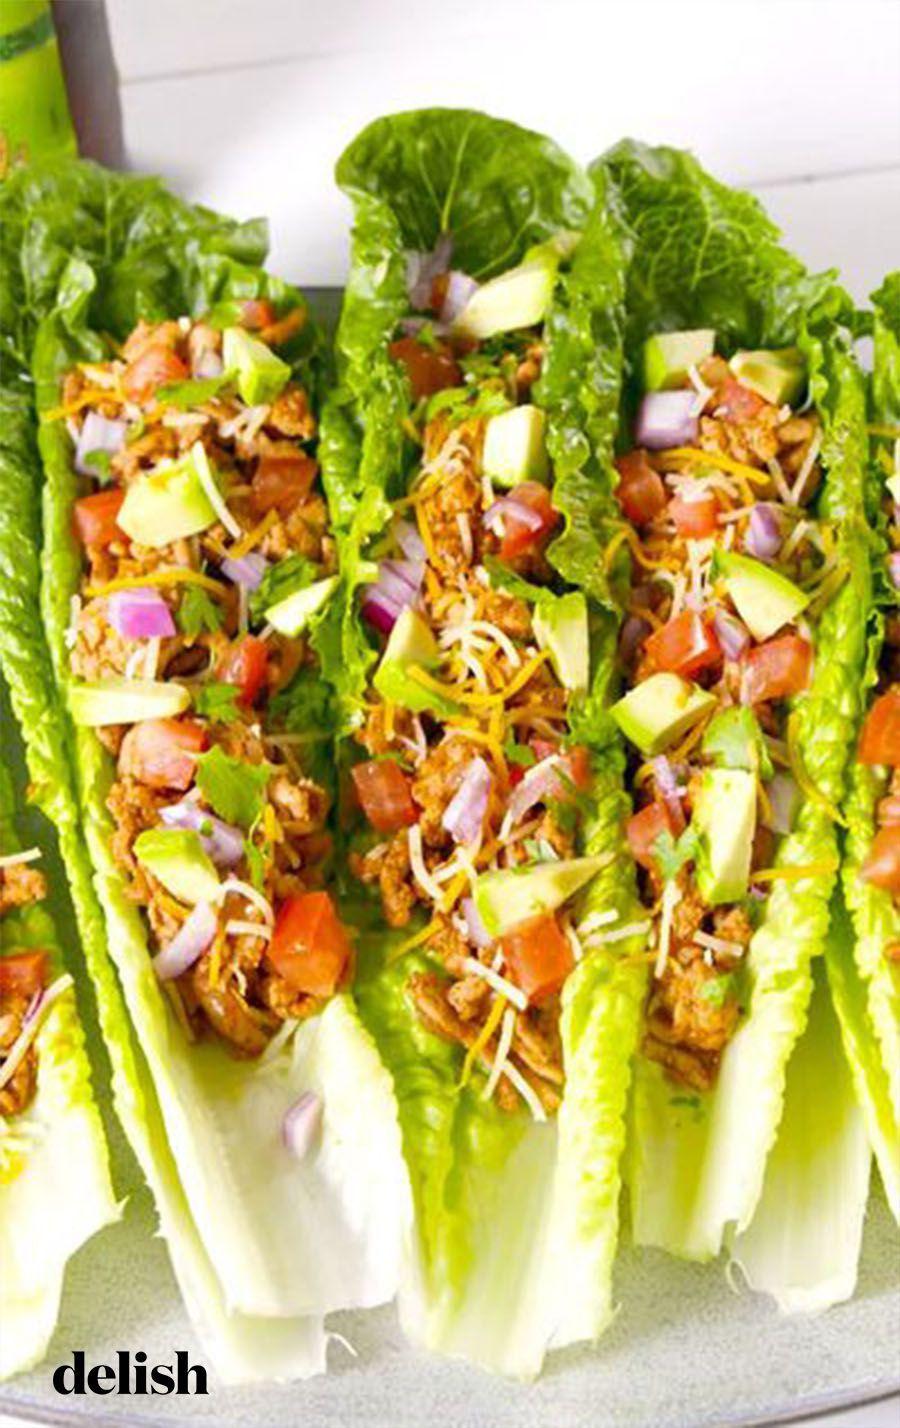 Turkey Taco Lettuce Wraps #groundturkeytacos